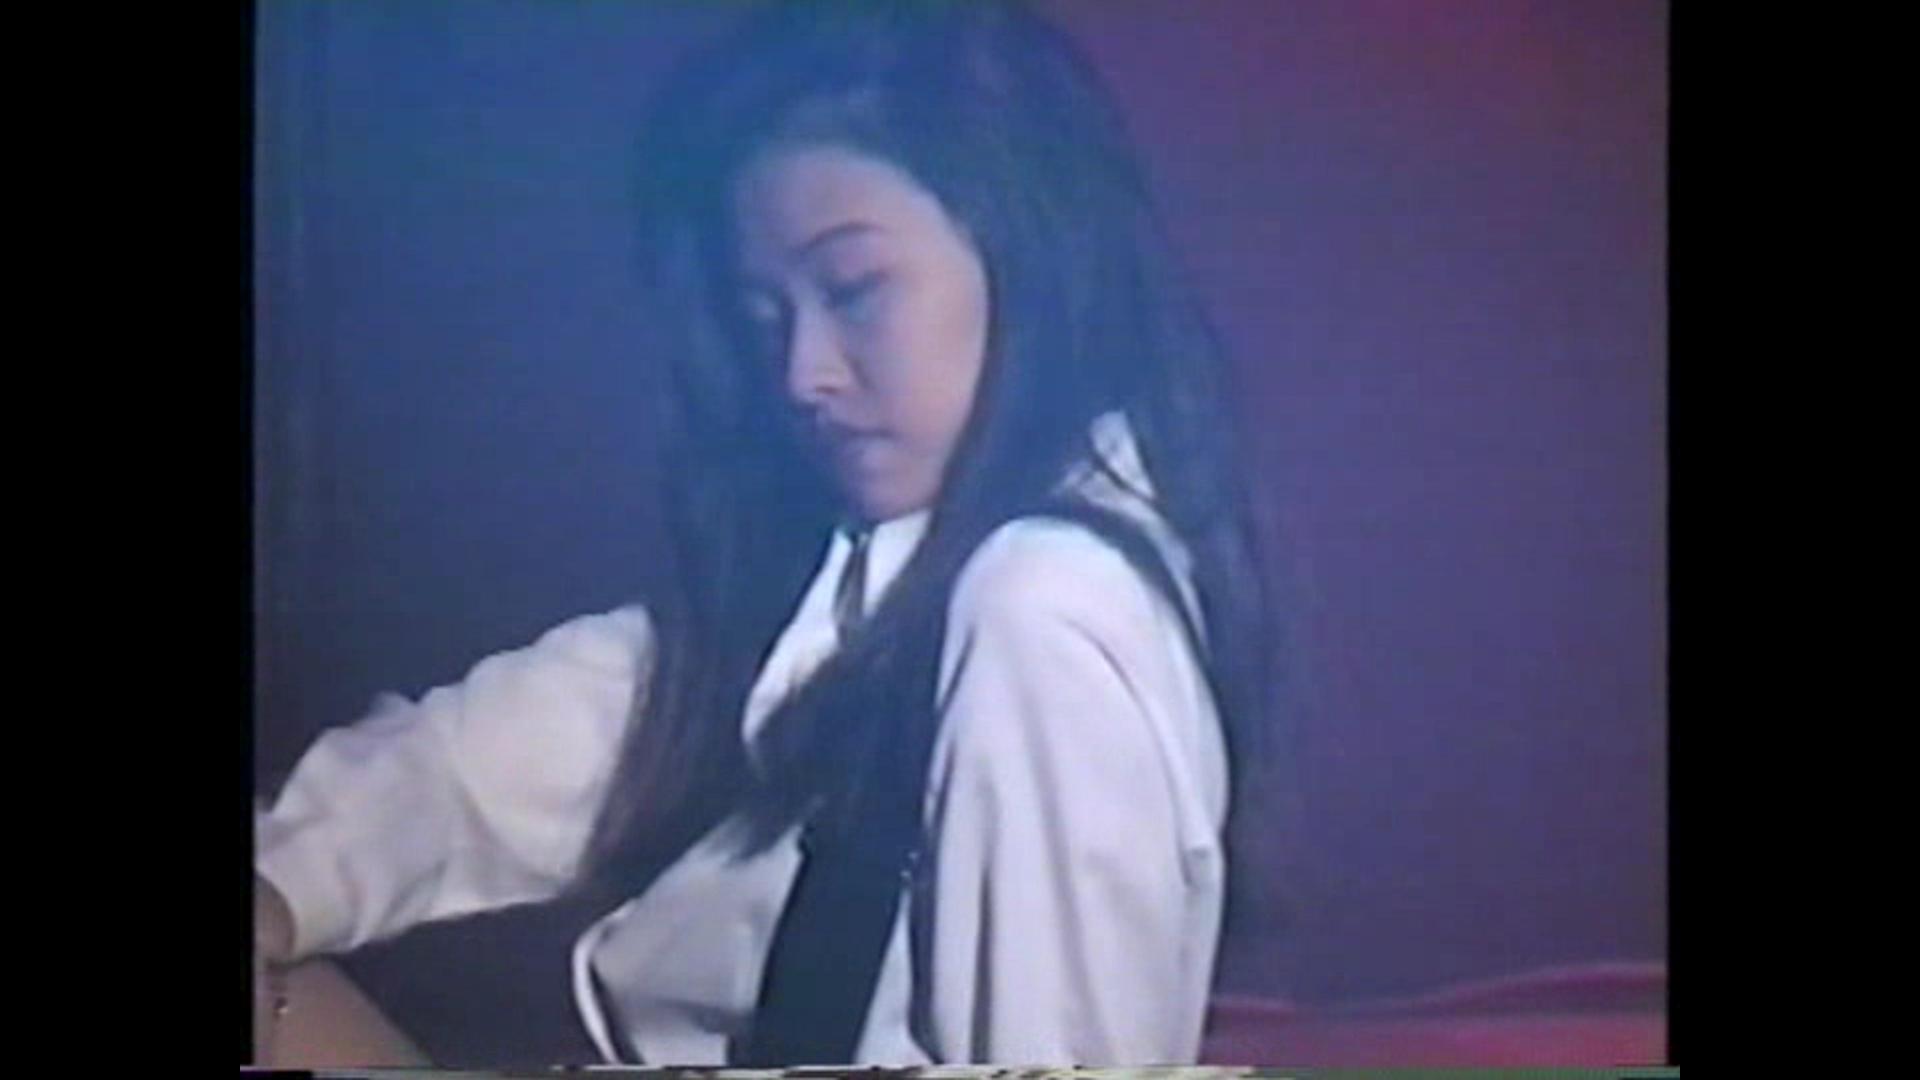 フェラチオ大好き素人娘23人プライベート流出お宝動画♡【60分】